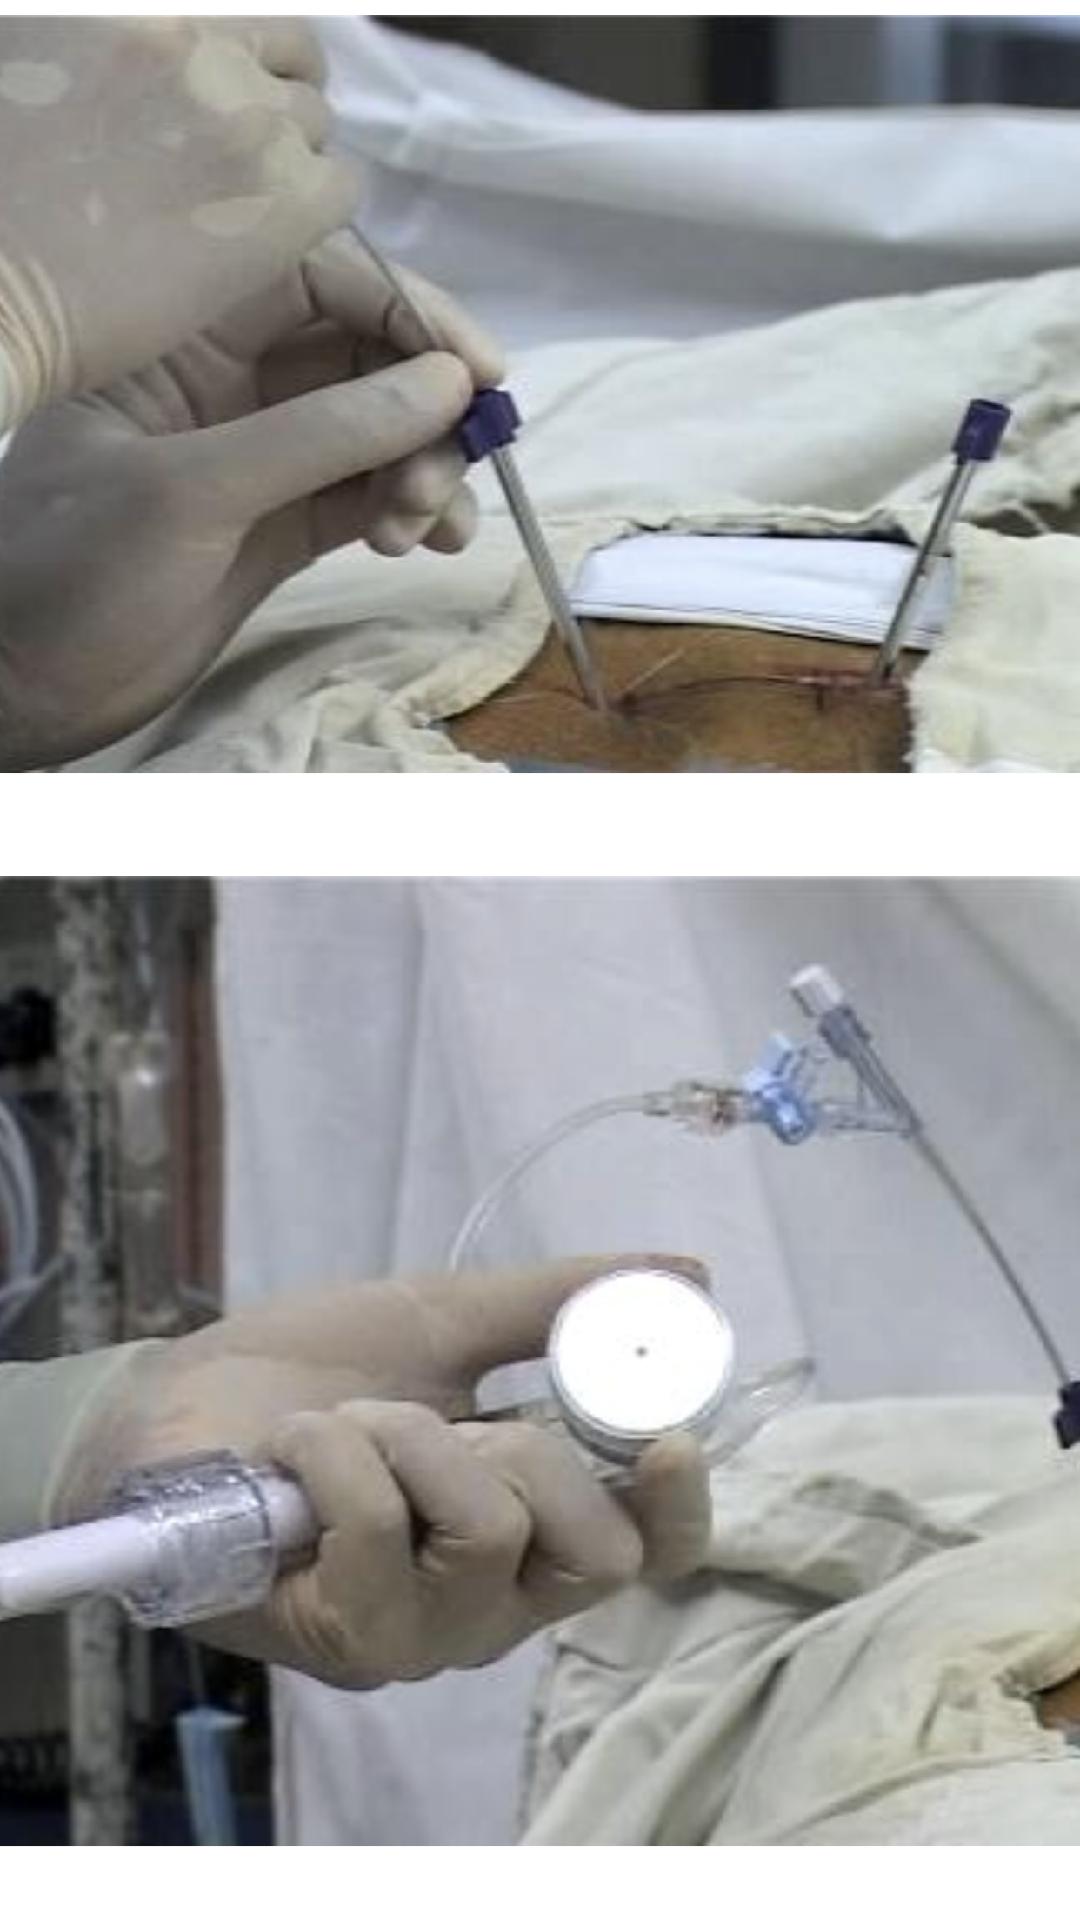 tratamiento contra la osteoporosis concifoplastia